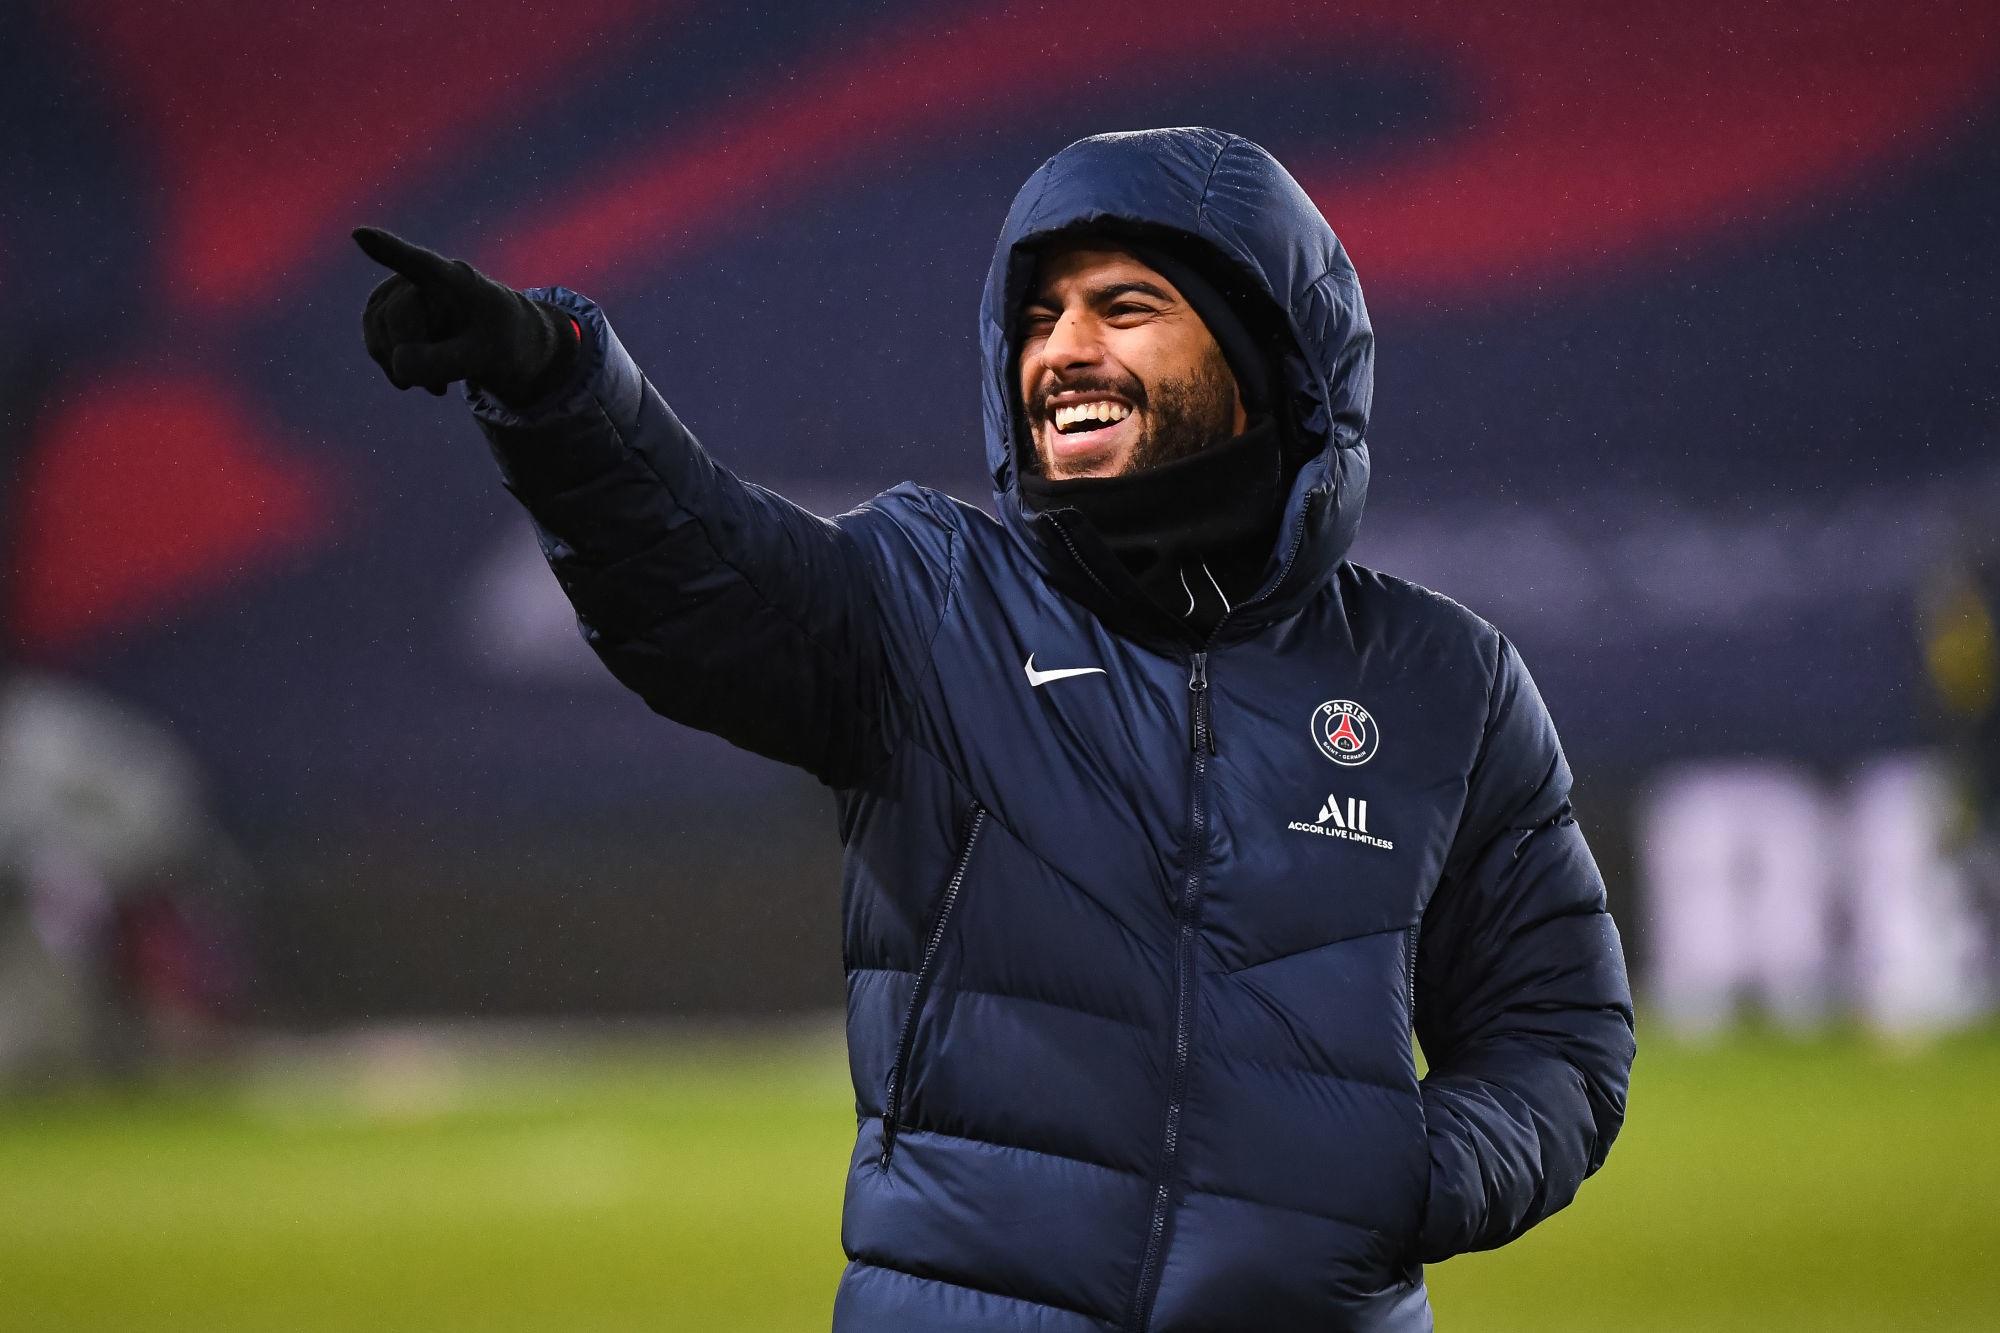 Rafinha élu joueur du PSG du mois de décembre par les supporters